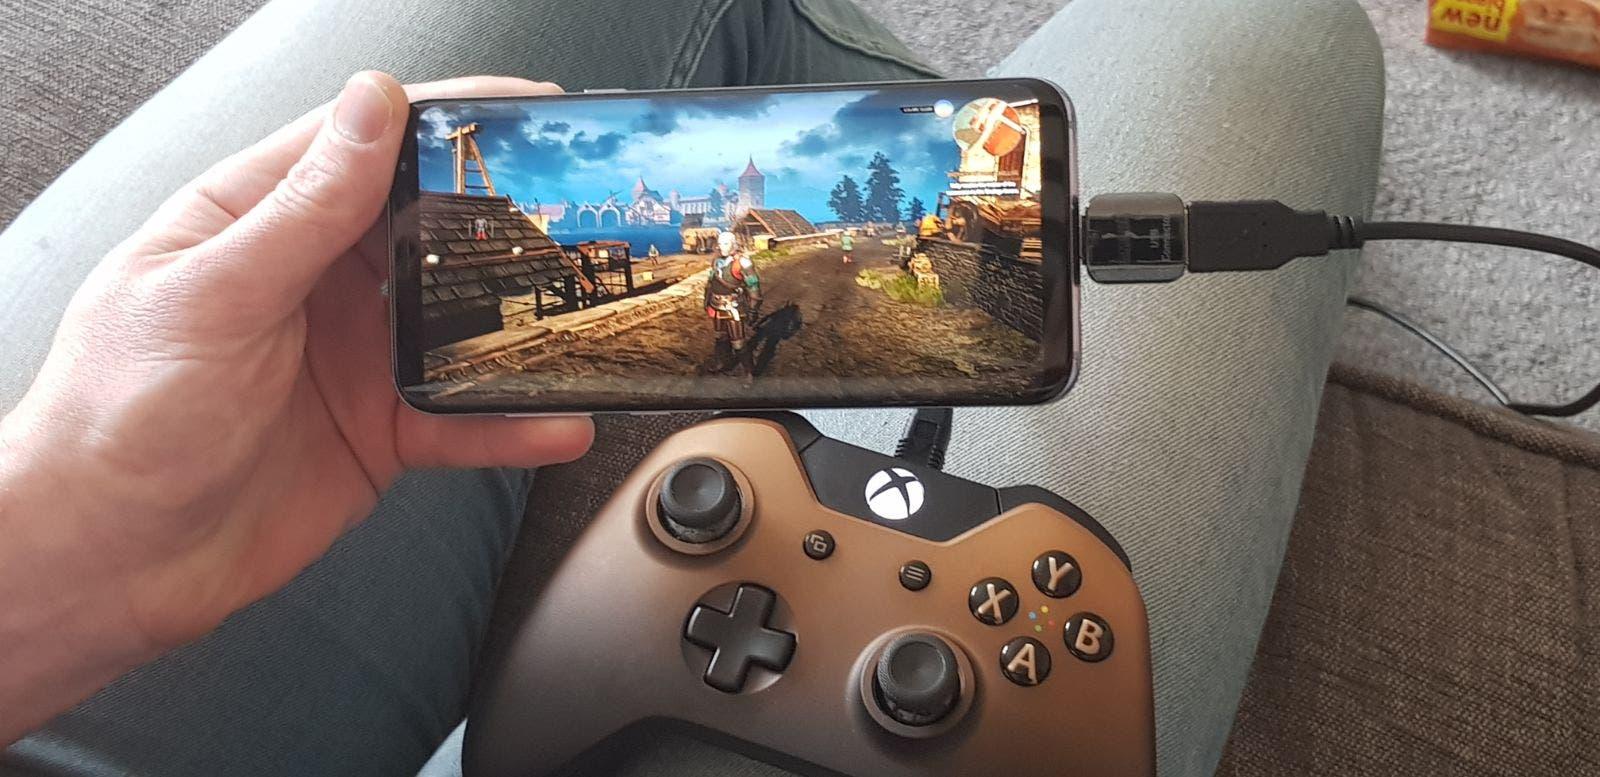 Rainway El Servicio De Streaming Para Juegos De Pc En Xbox One